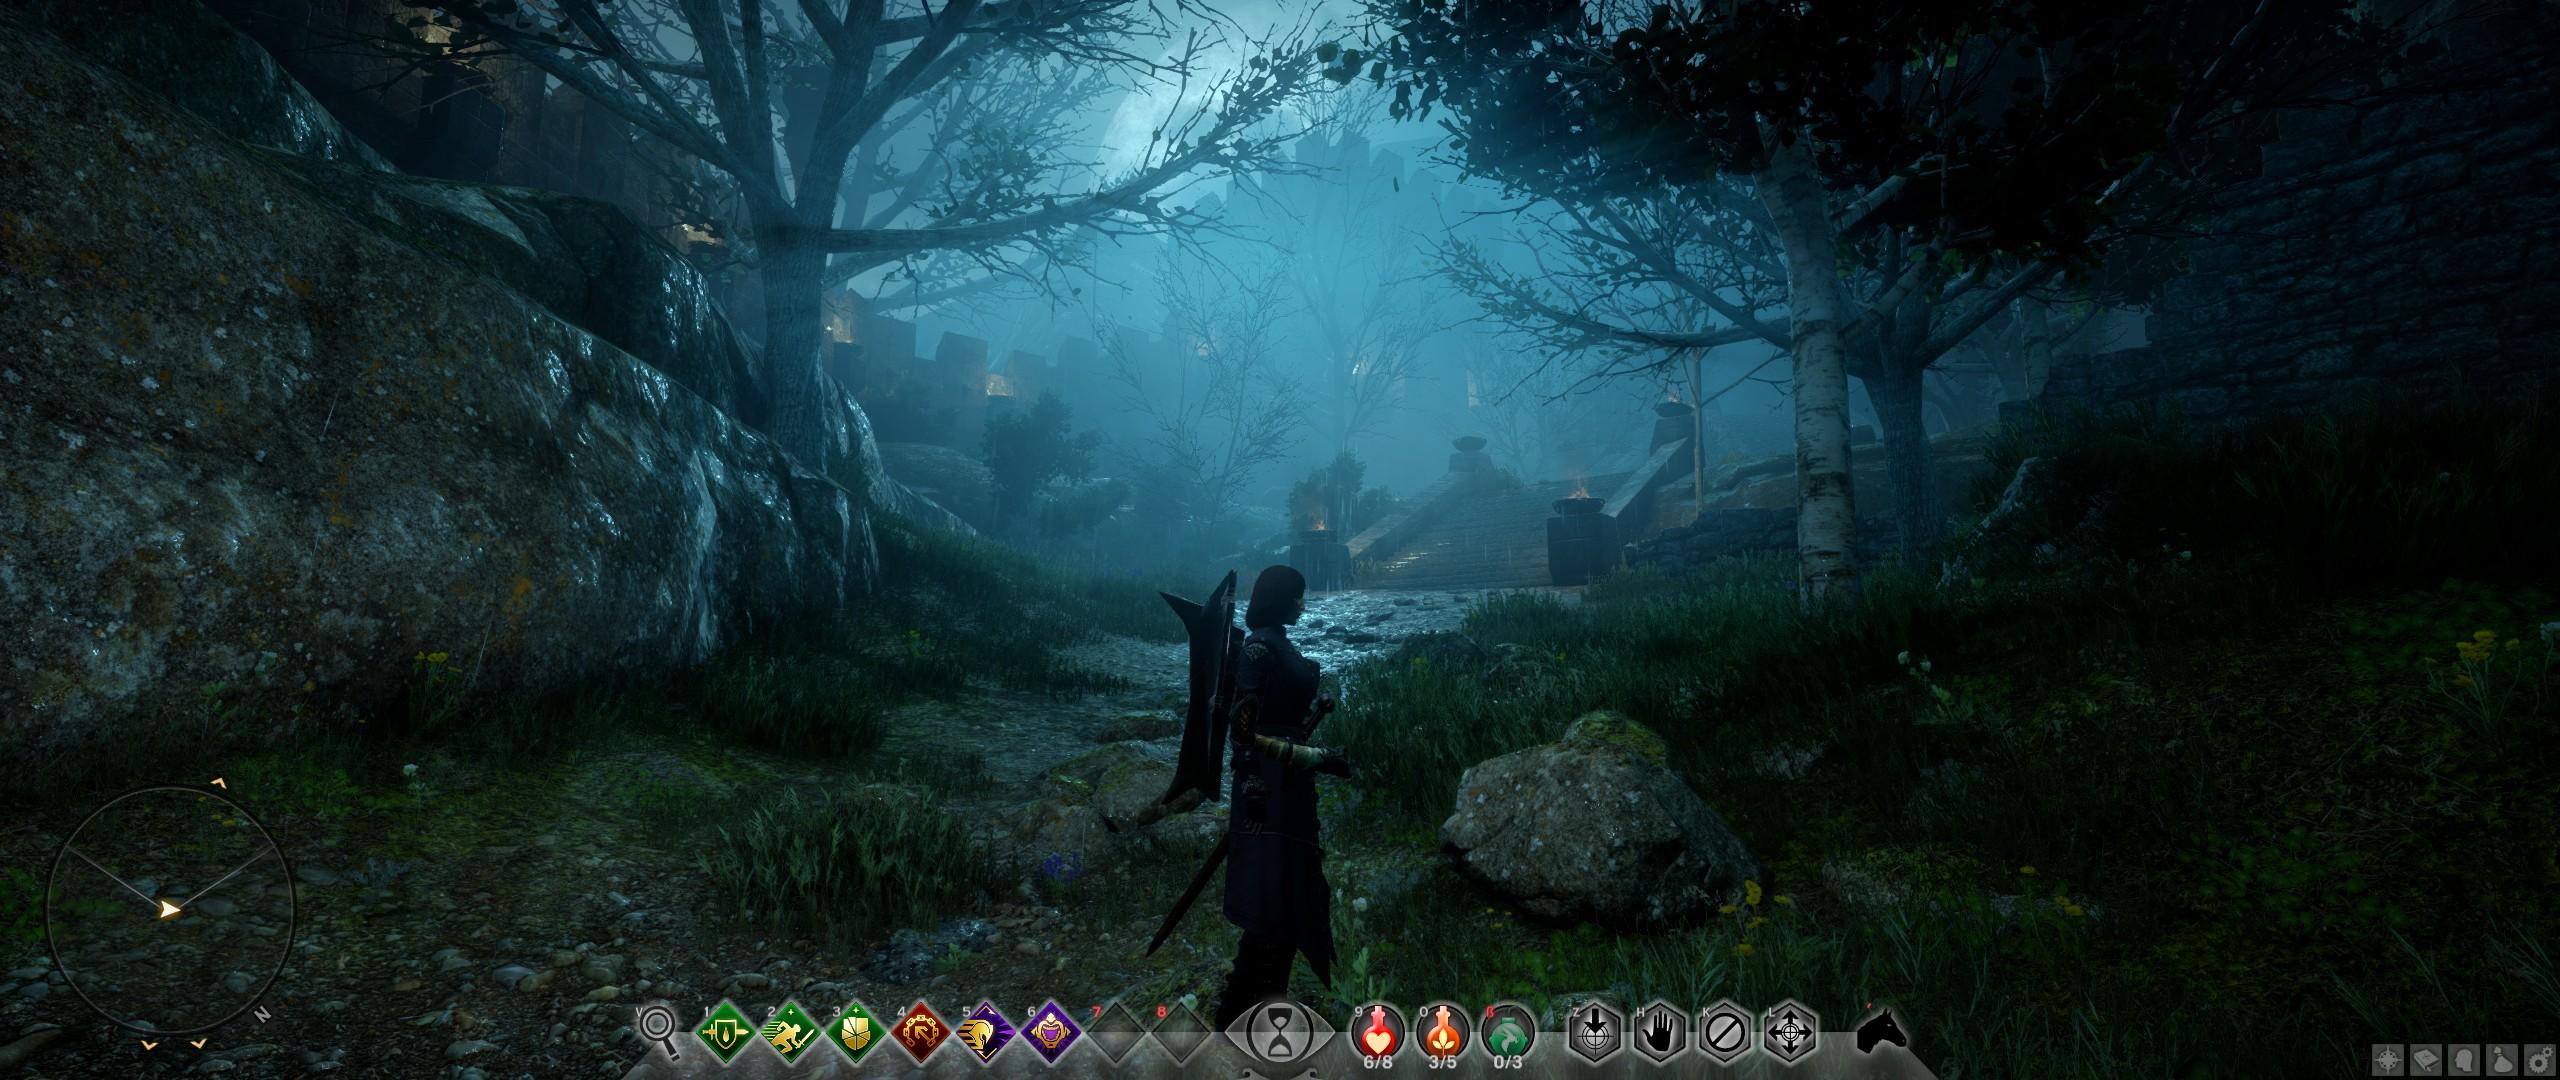 ScreenshotWin32_0045_Final